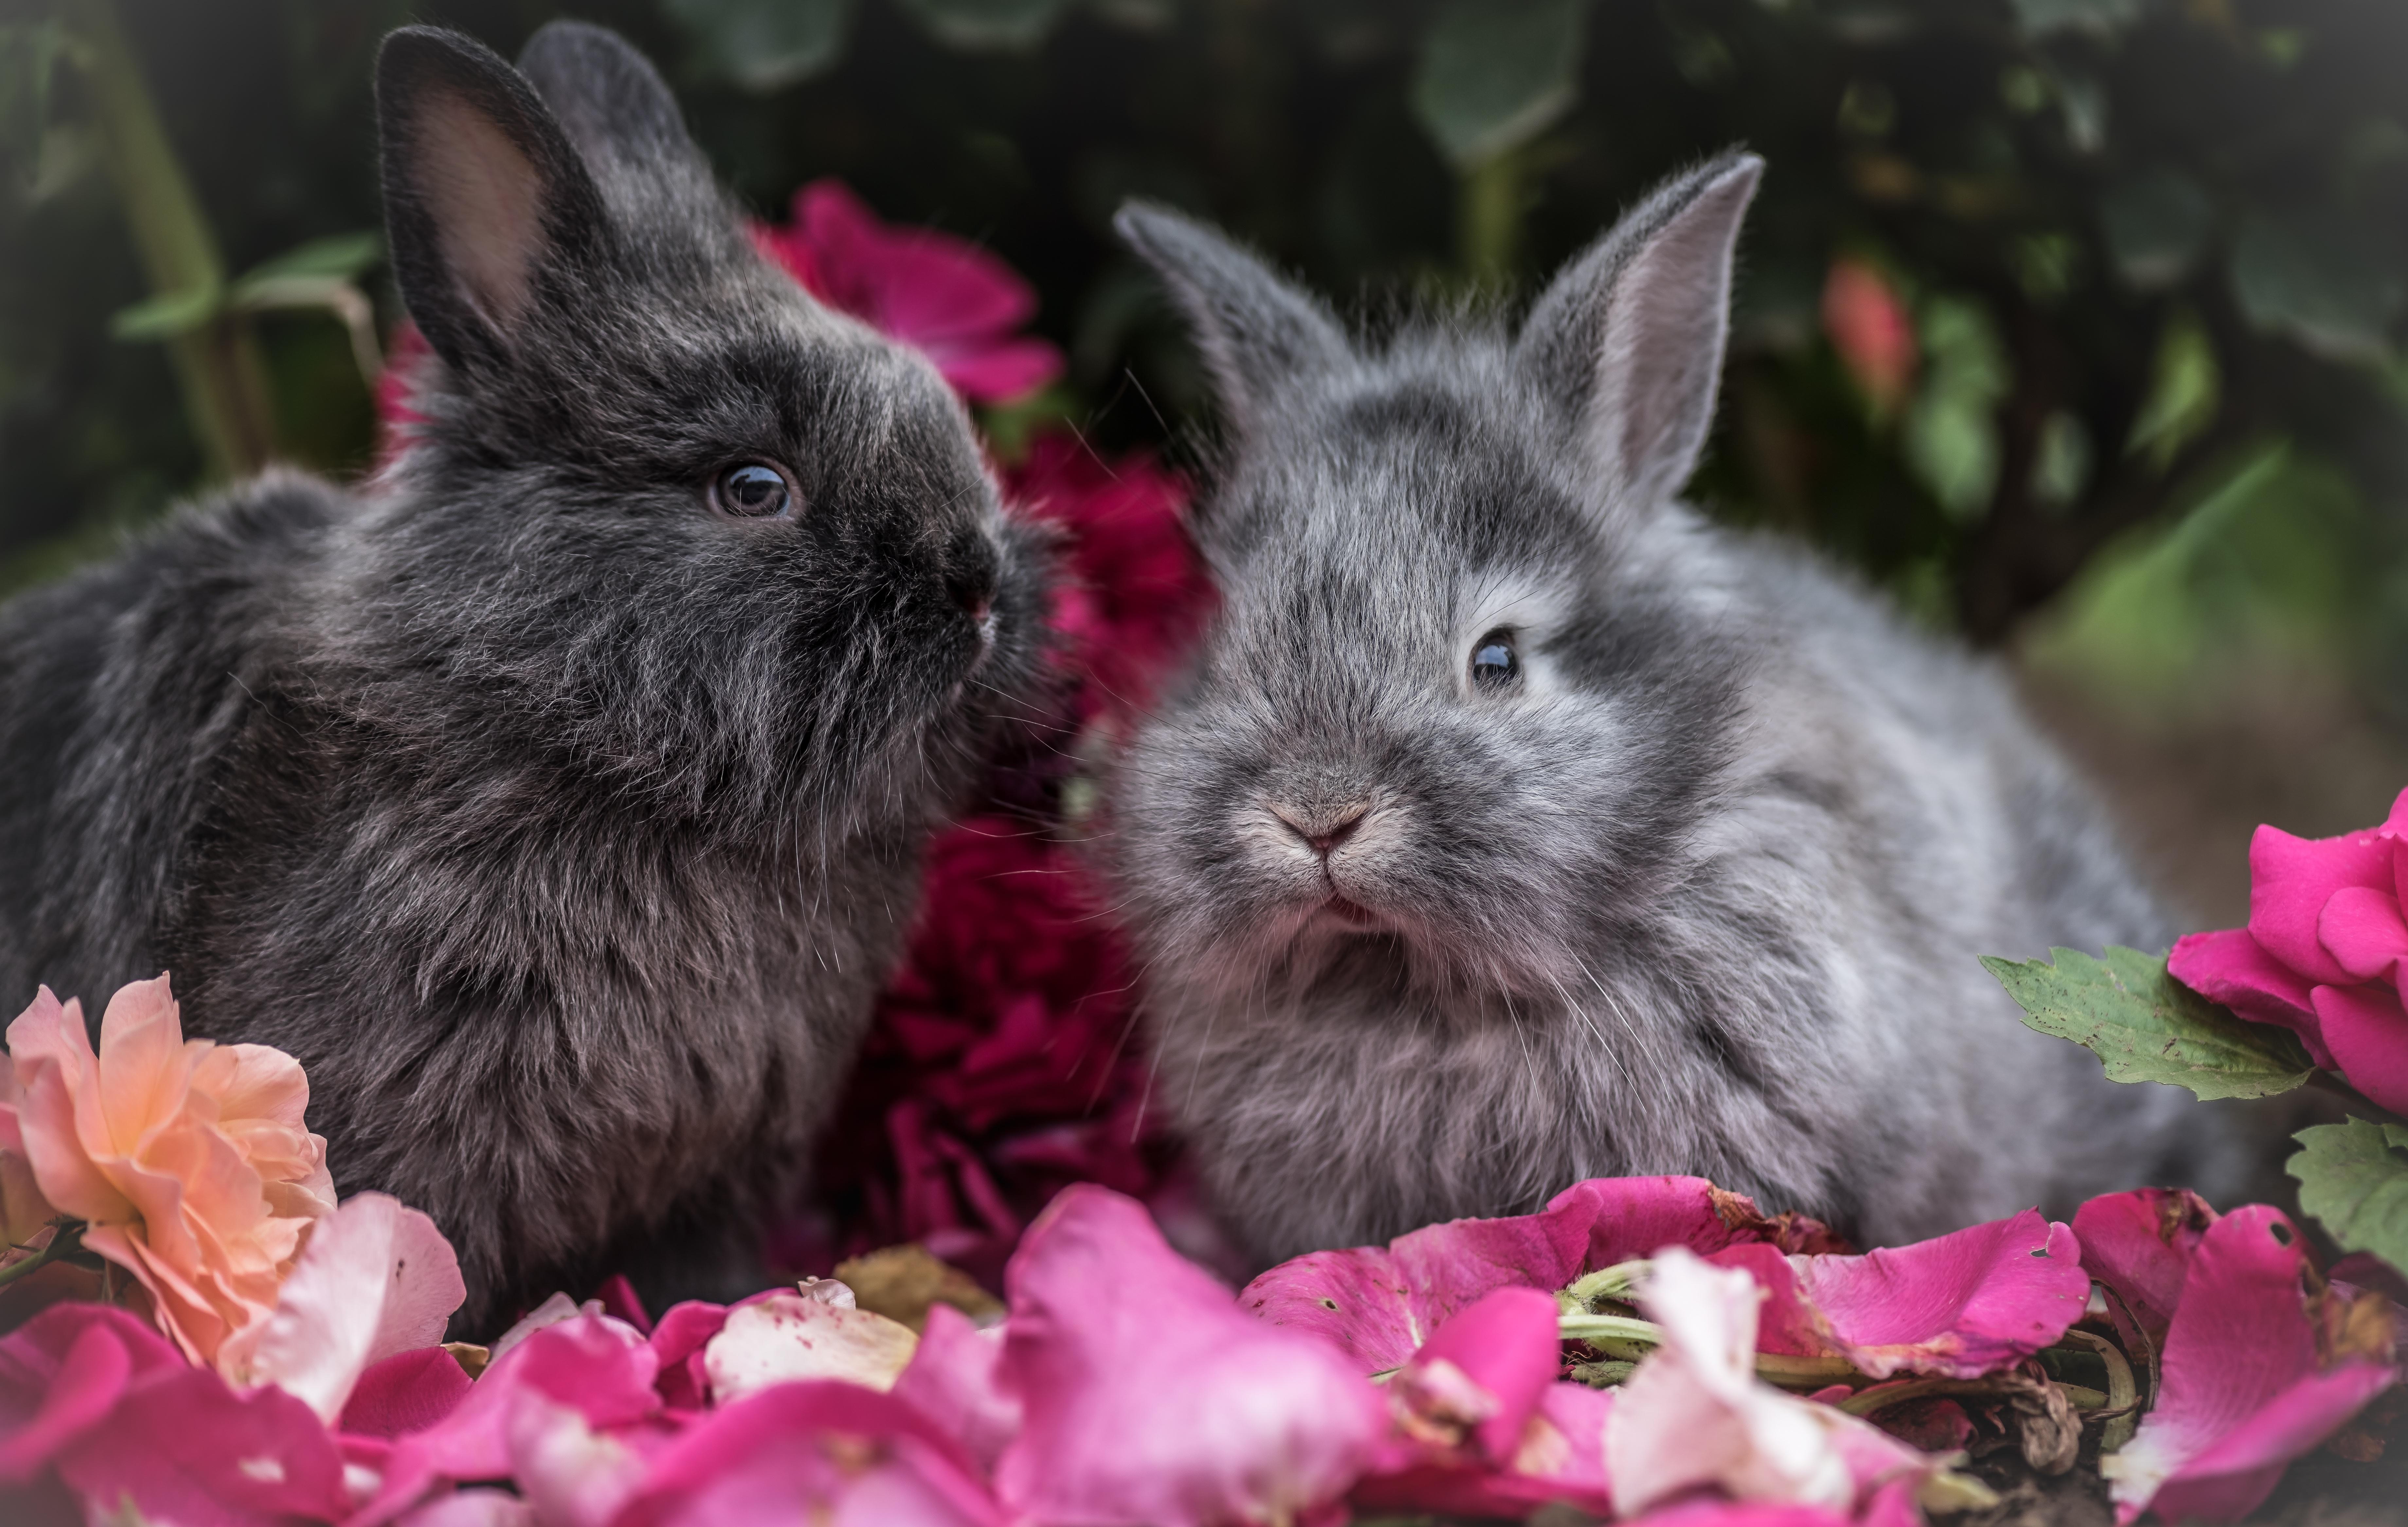 природа животные ккартинки зайцы цветы бесплатно